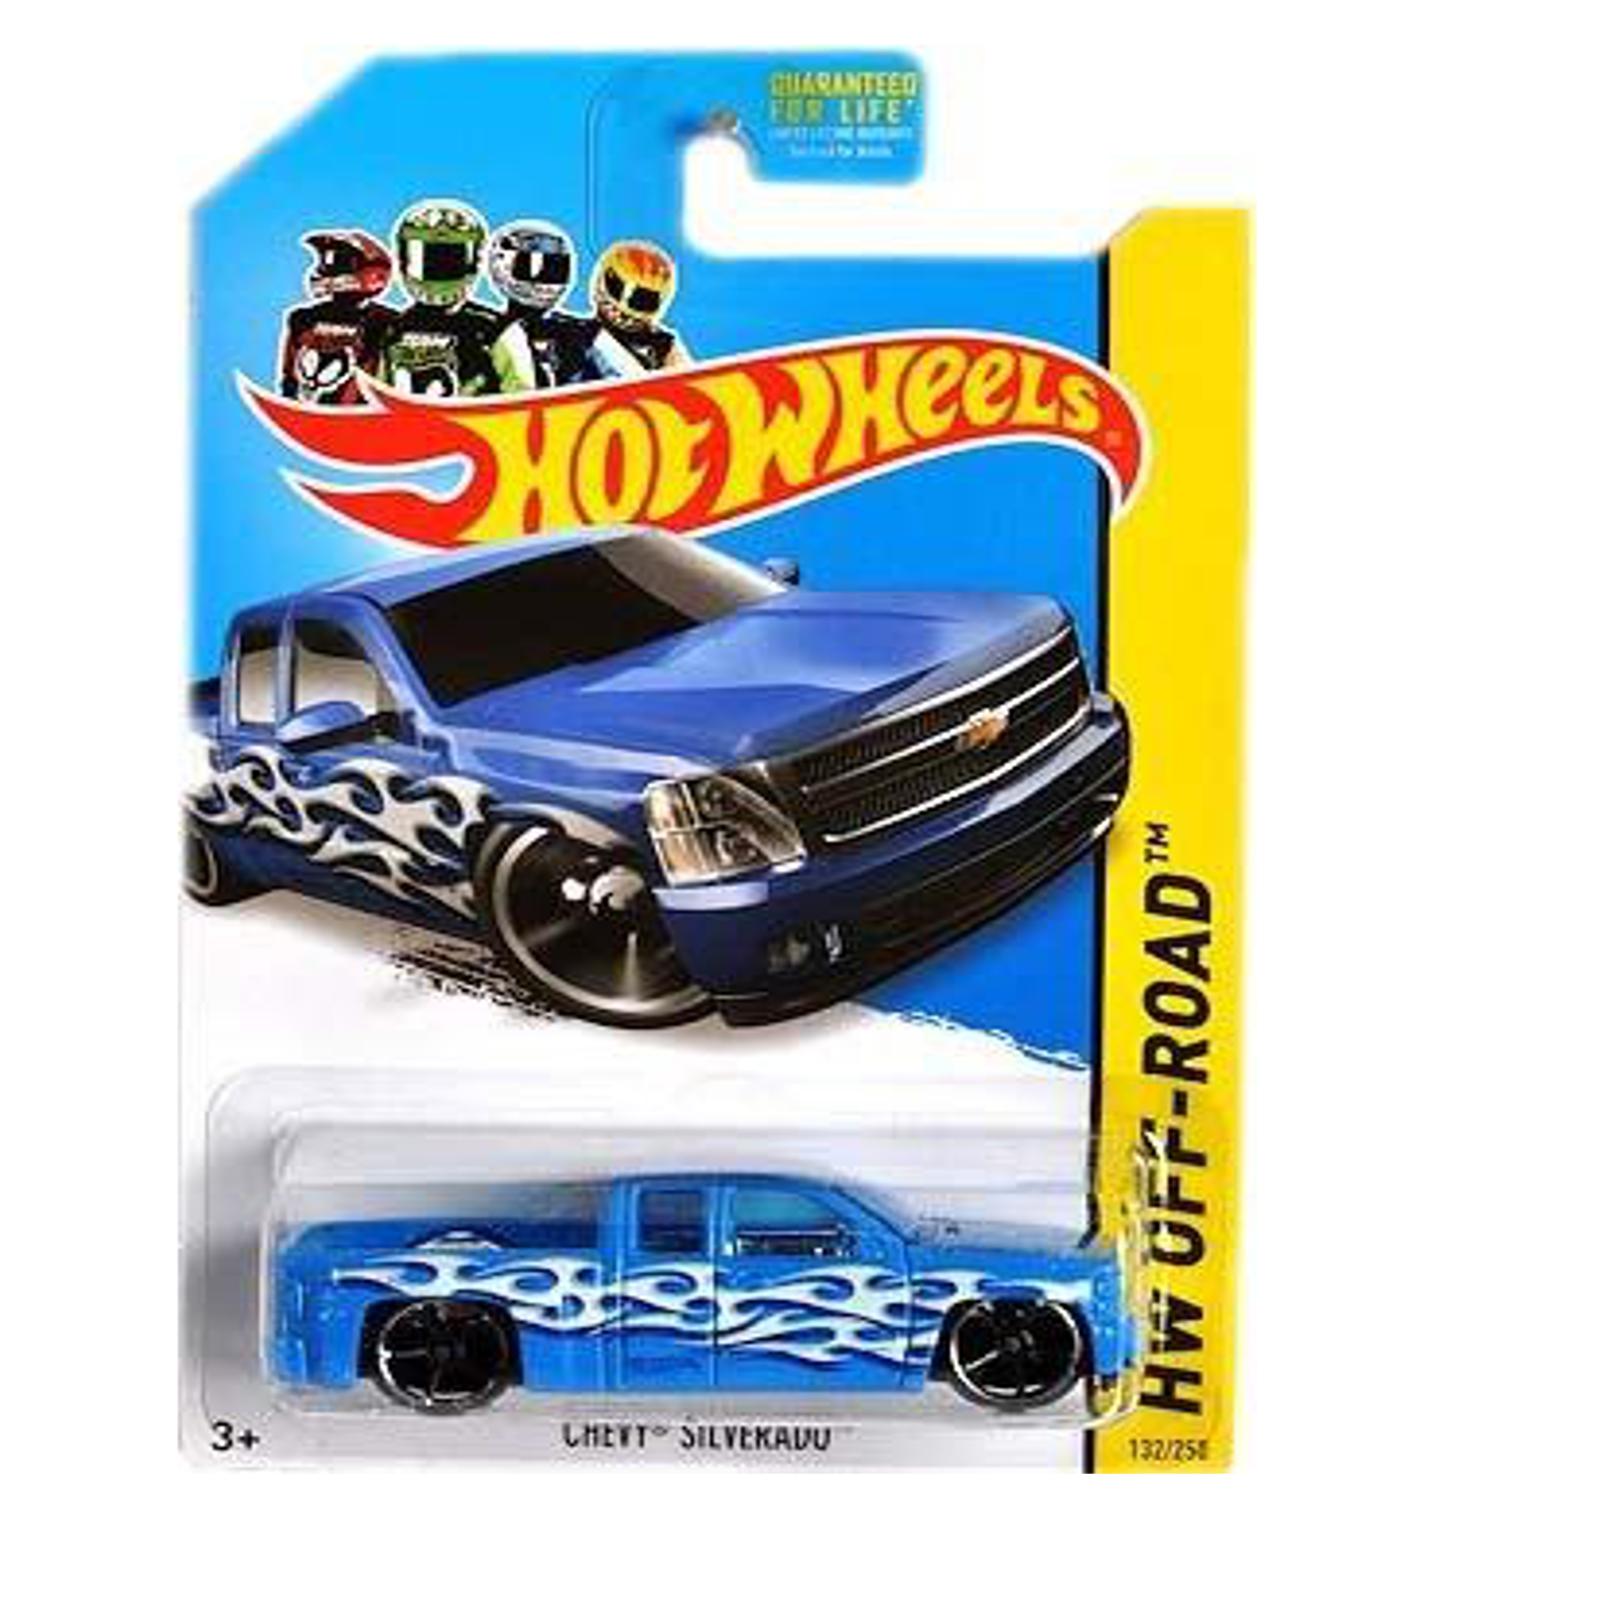 ����������� Hot Wheels ��� ������ Chevy Silverado